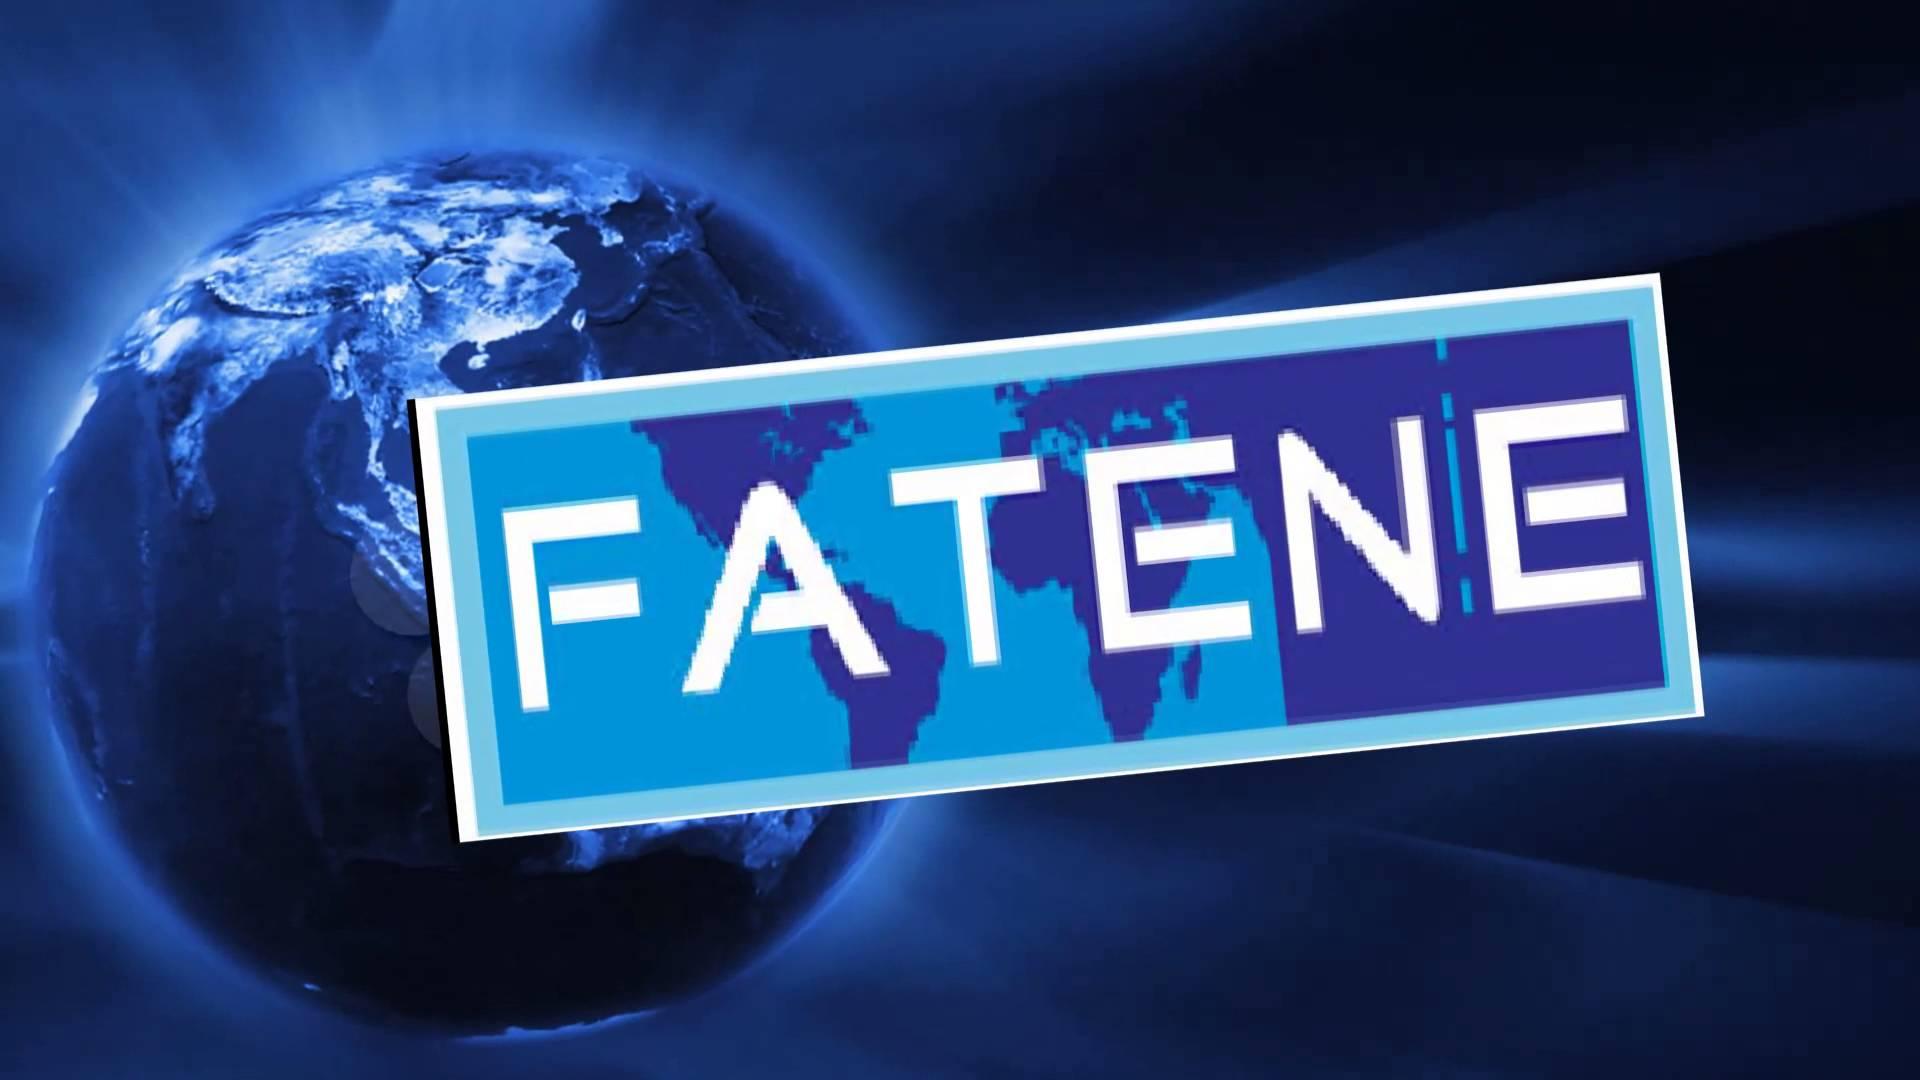 FATENE, está recrutando candidatos para o cargo de: ASSISTENTE DE TI